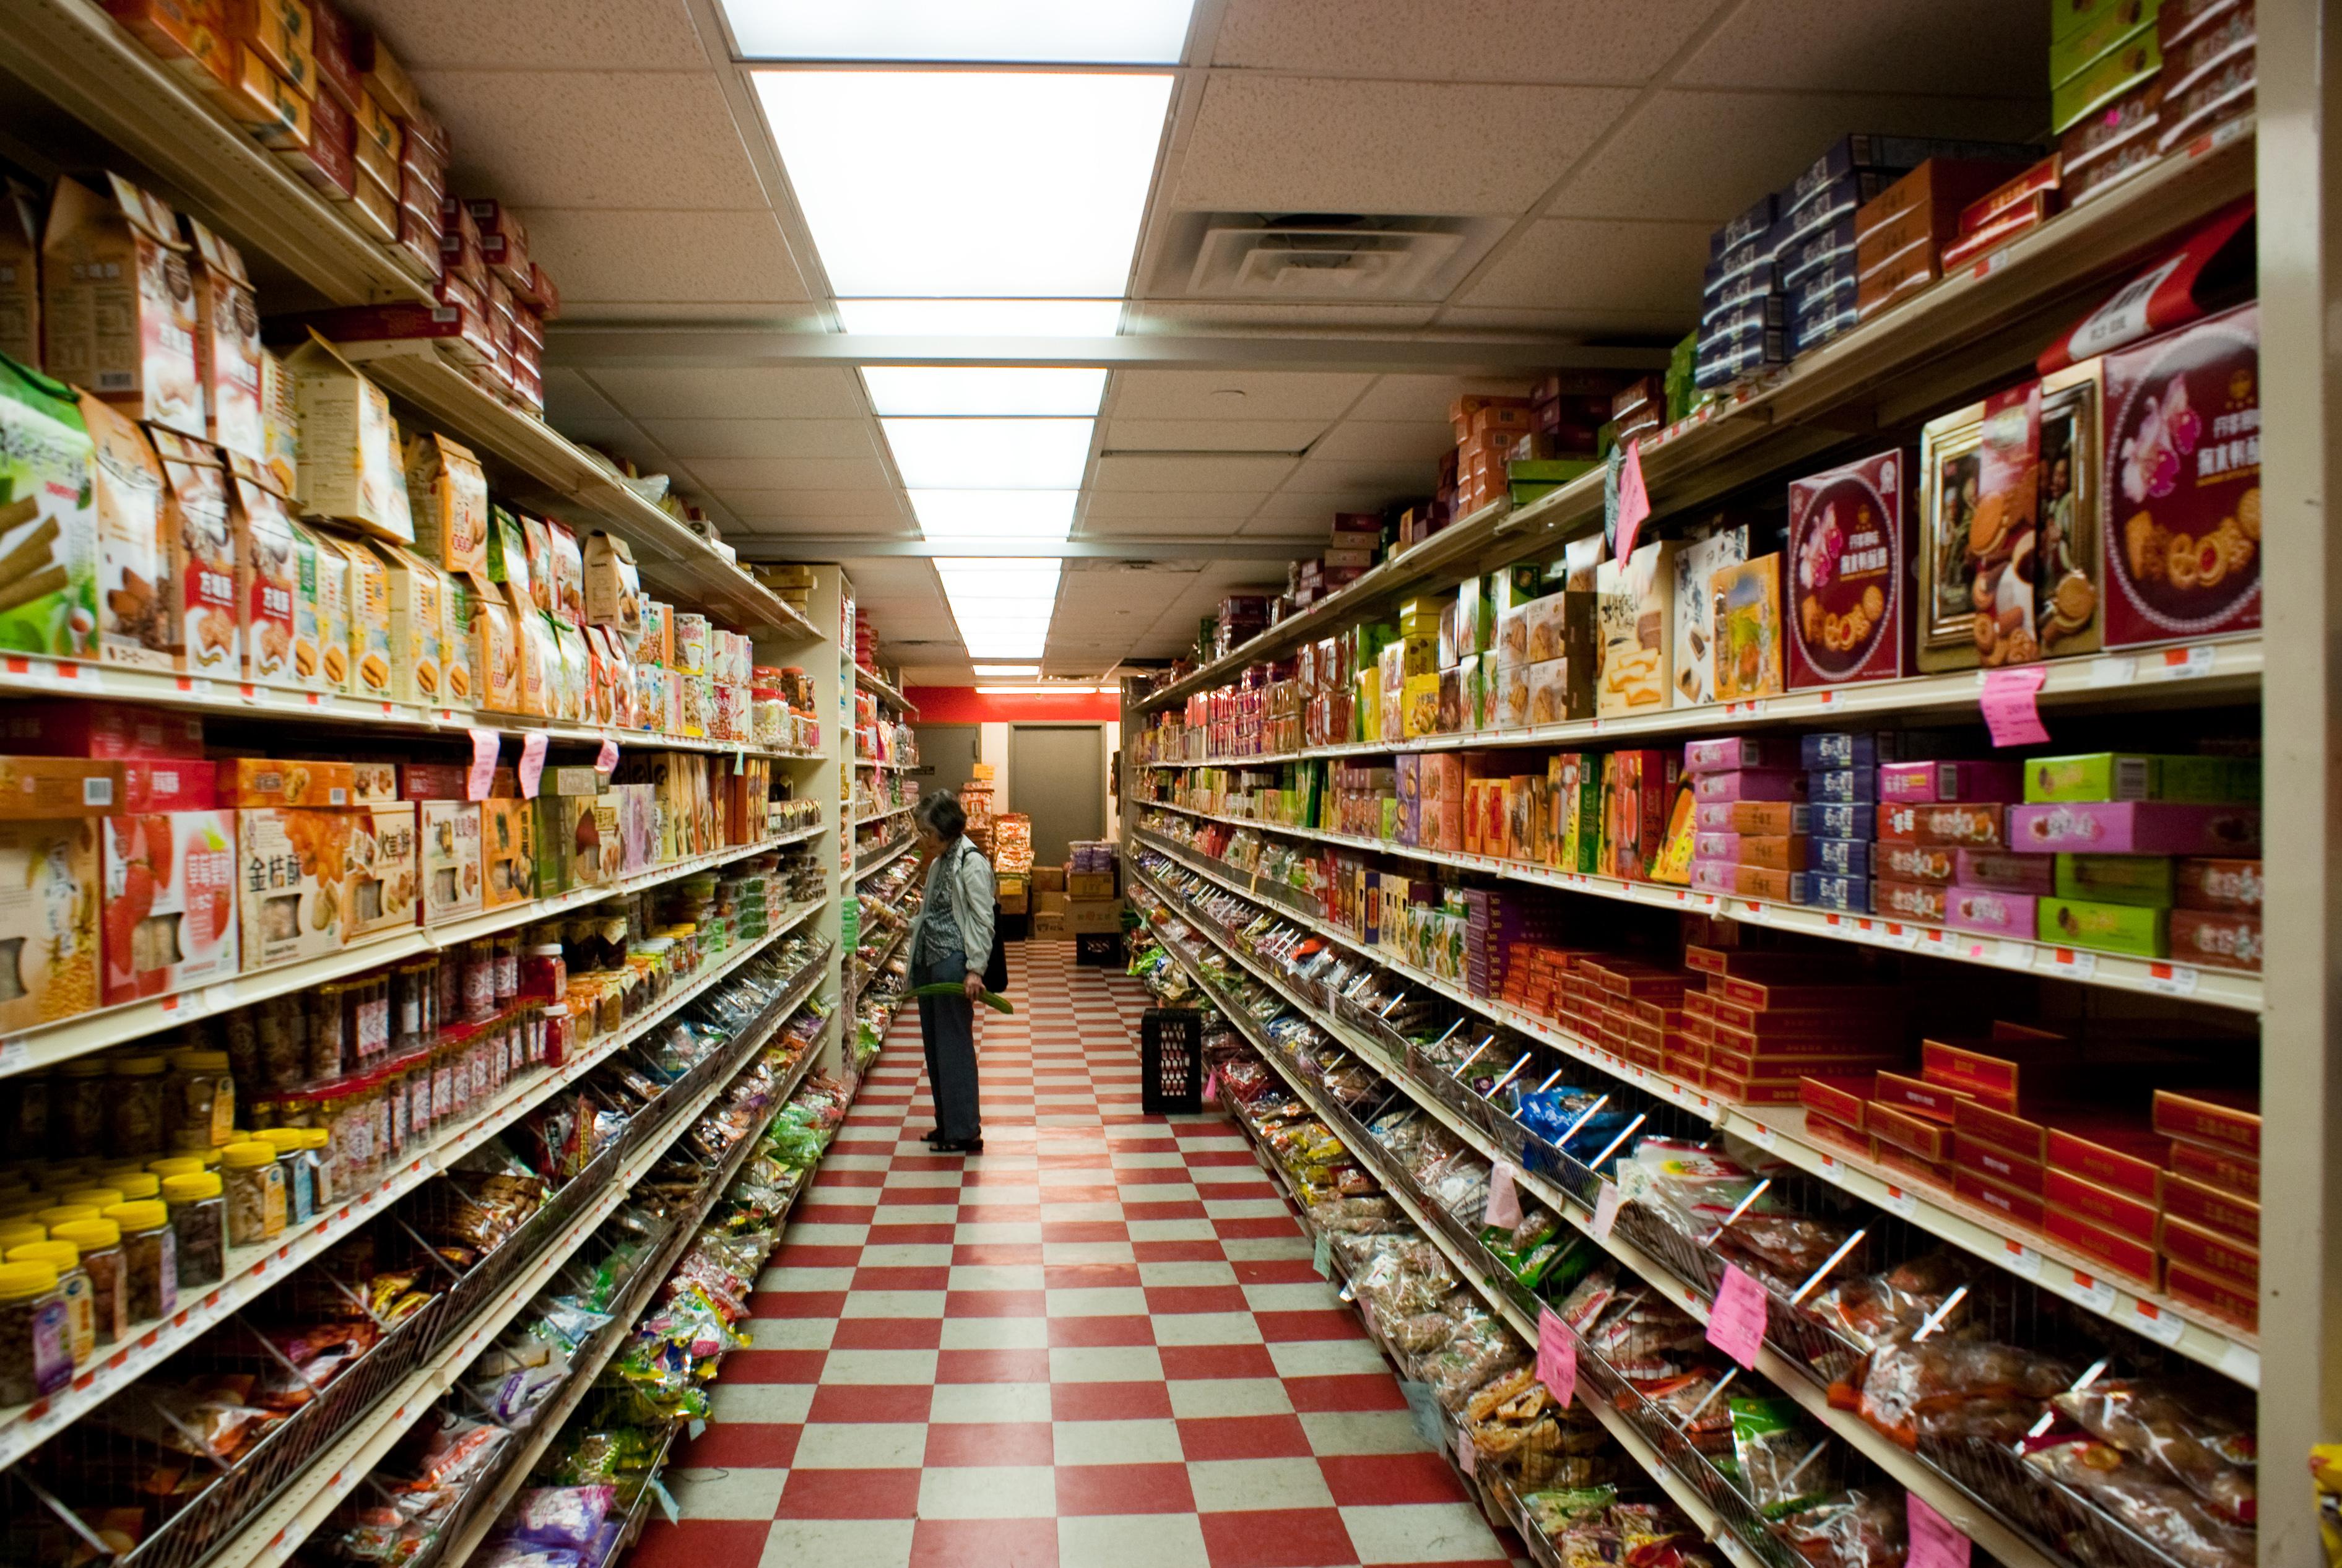 картинки полки в магазине продуктов каждый год